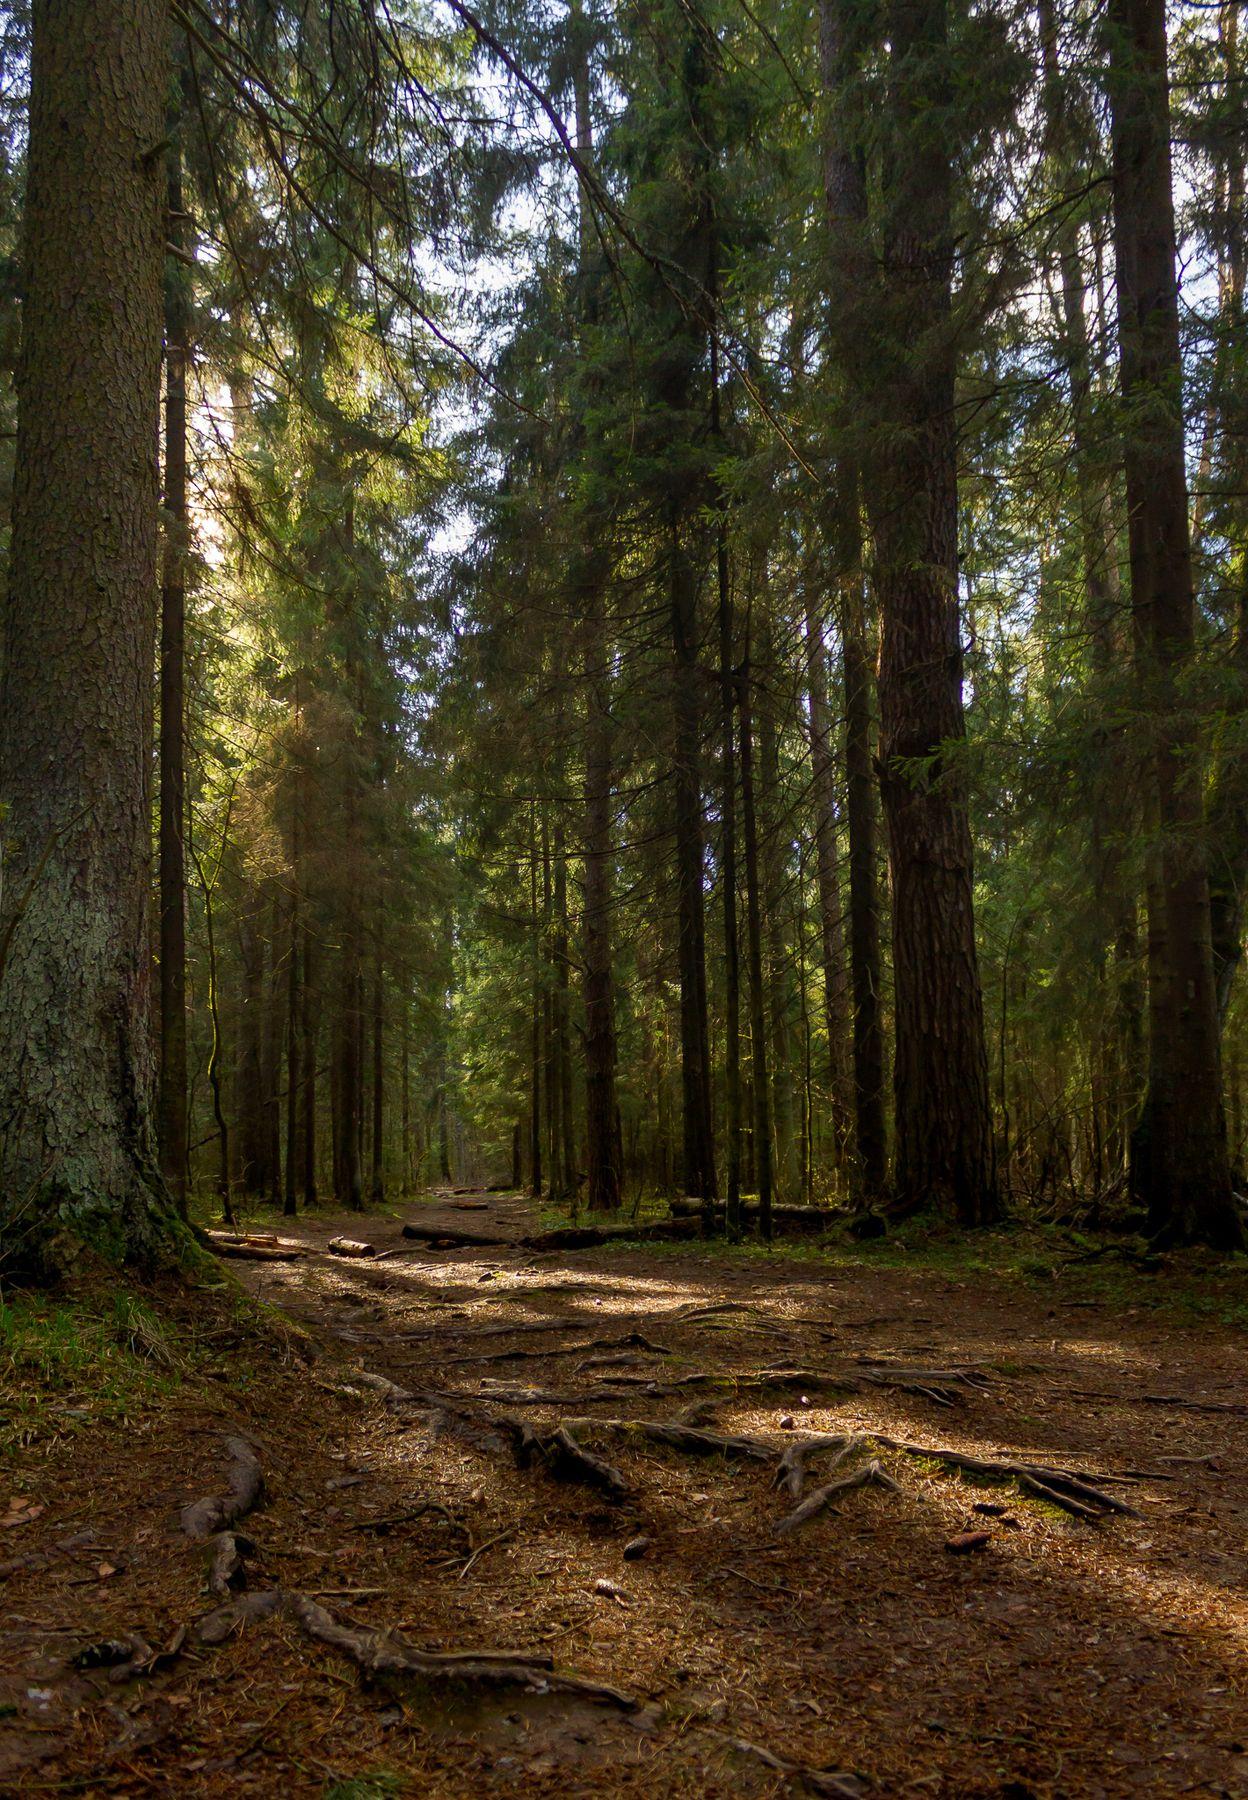 Солнечный день в лесу лес солнце весна